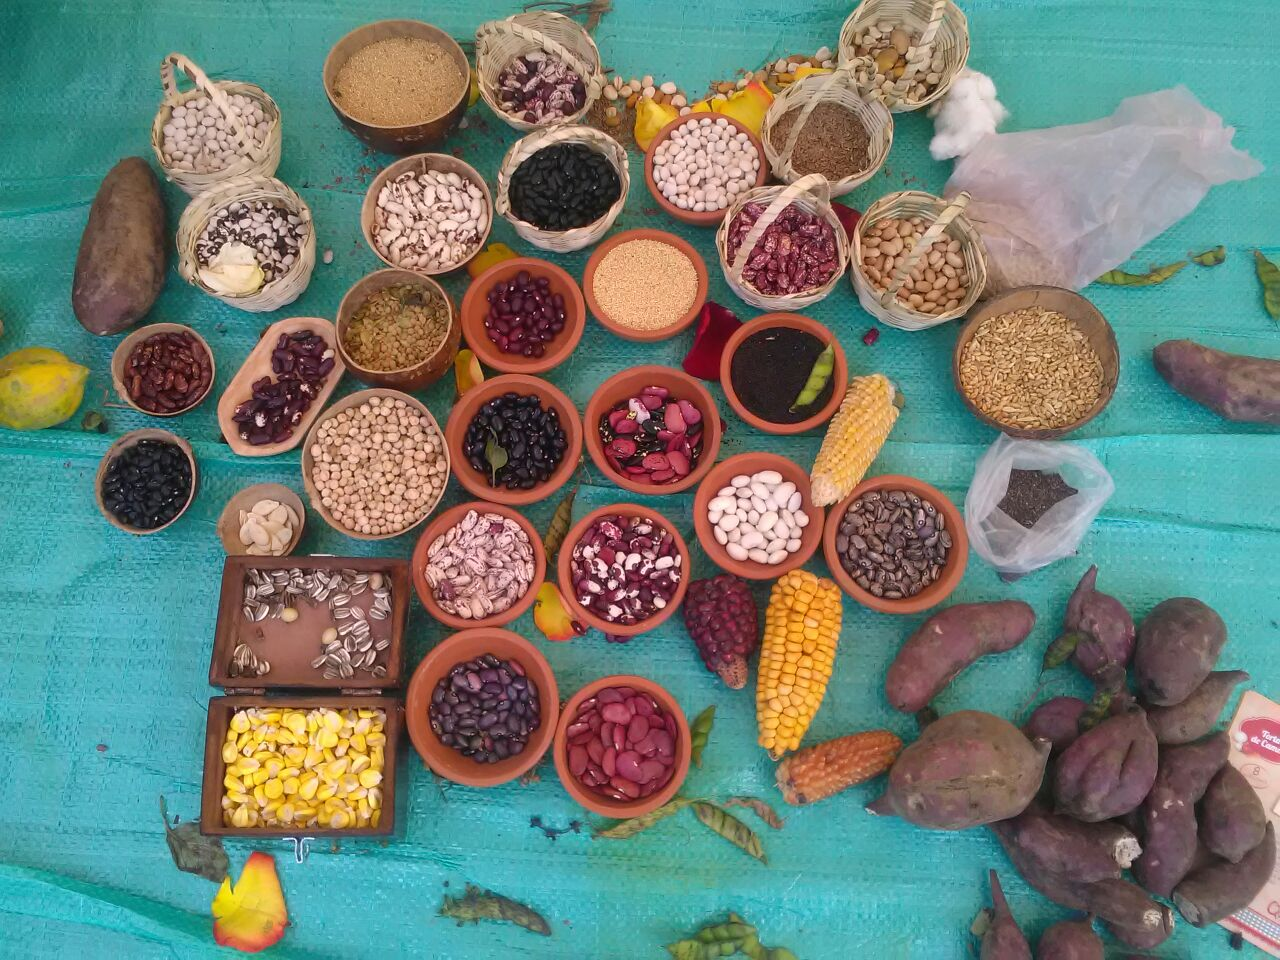 RGS red de guardianes de semillas ecuador agroecologia permacultura organico